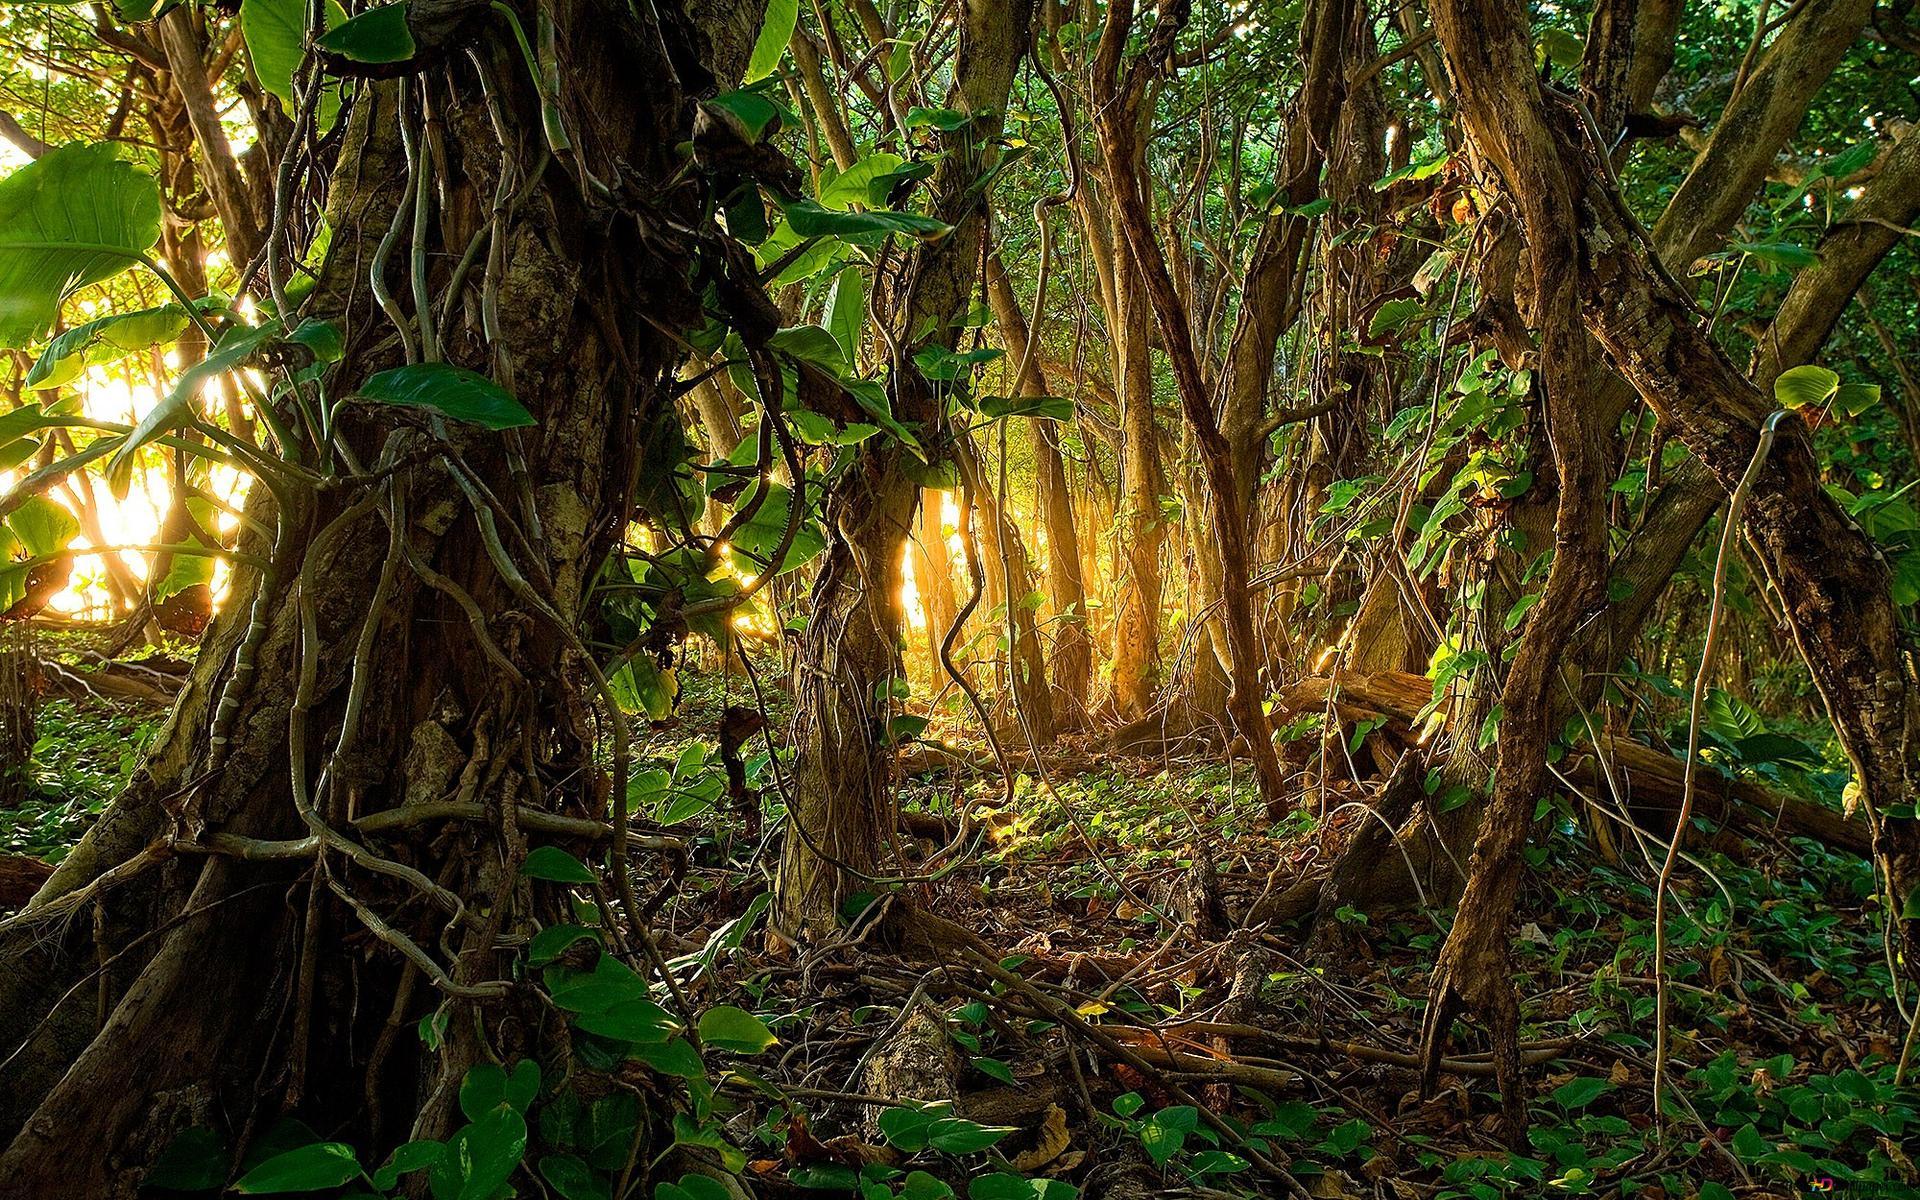 Tropisch Regenwoud Hd Wallpaper Downloaden